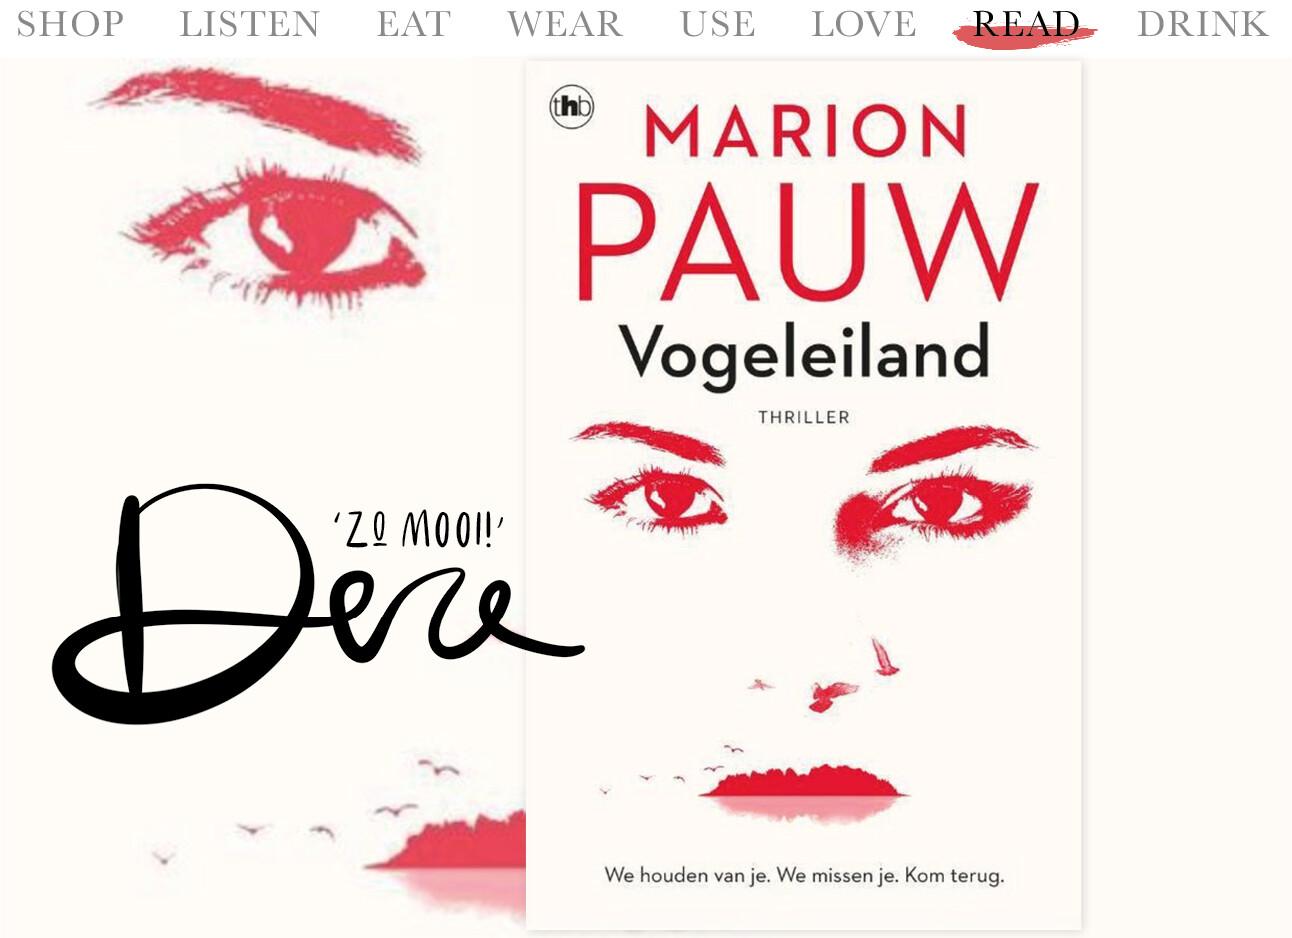 Today we read vogeleiland van Marion Pauw